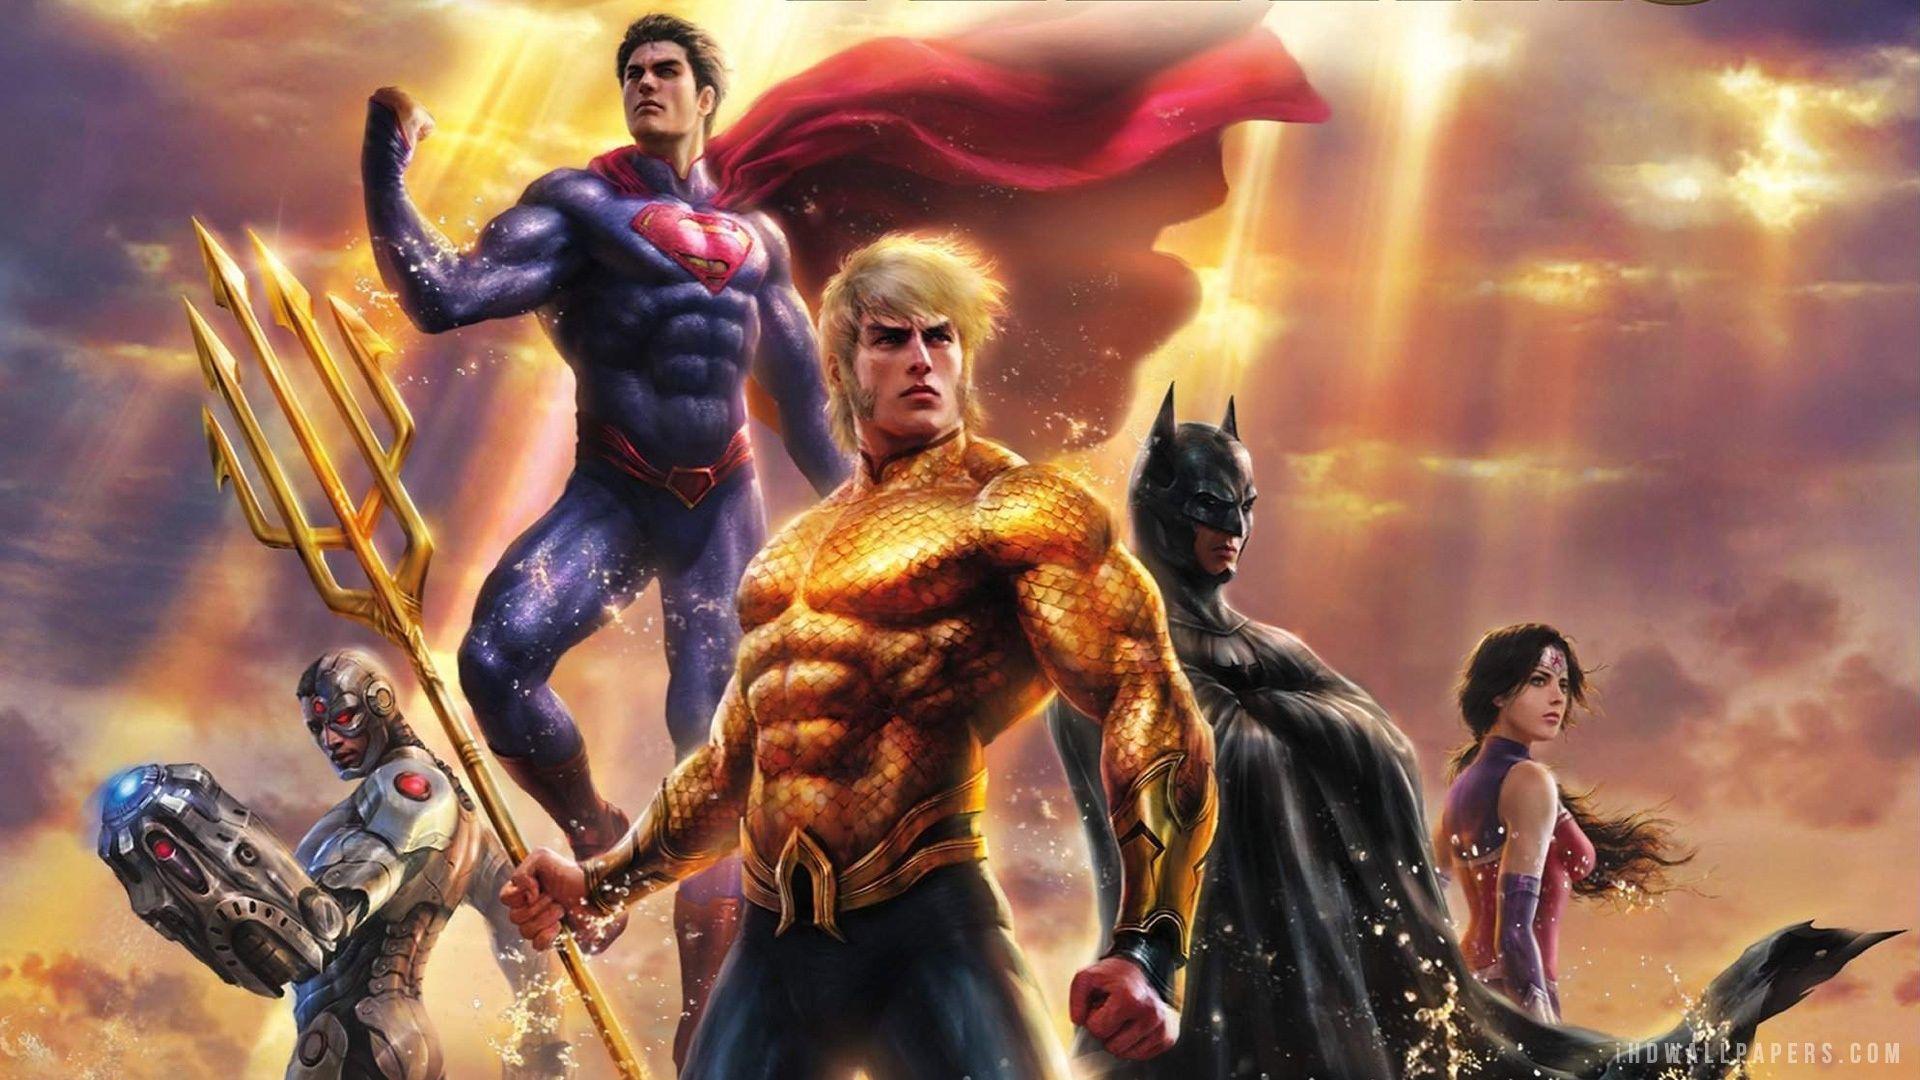 Top Wallpaper Logo Justice League - cb08b86d738047b65d8d712f23e11924  Graphic_38549.jpg